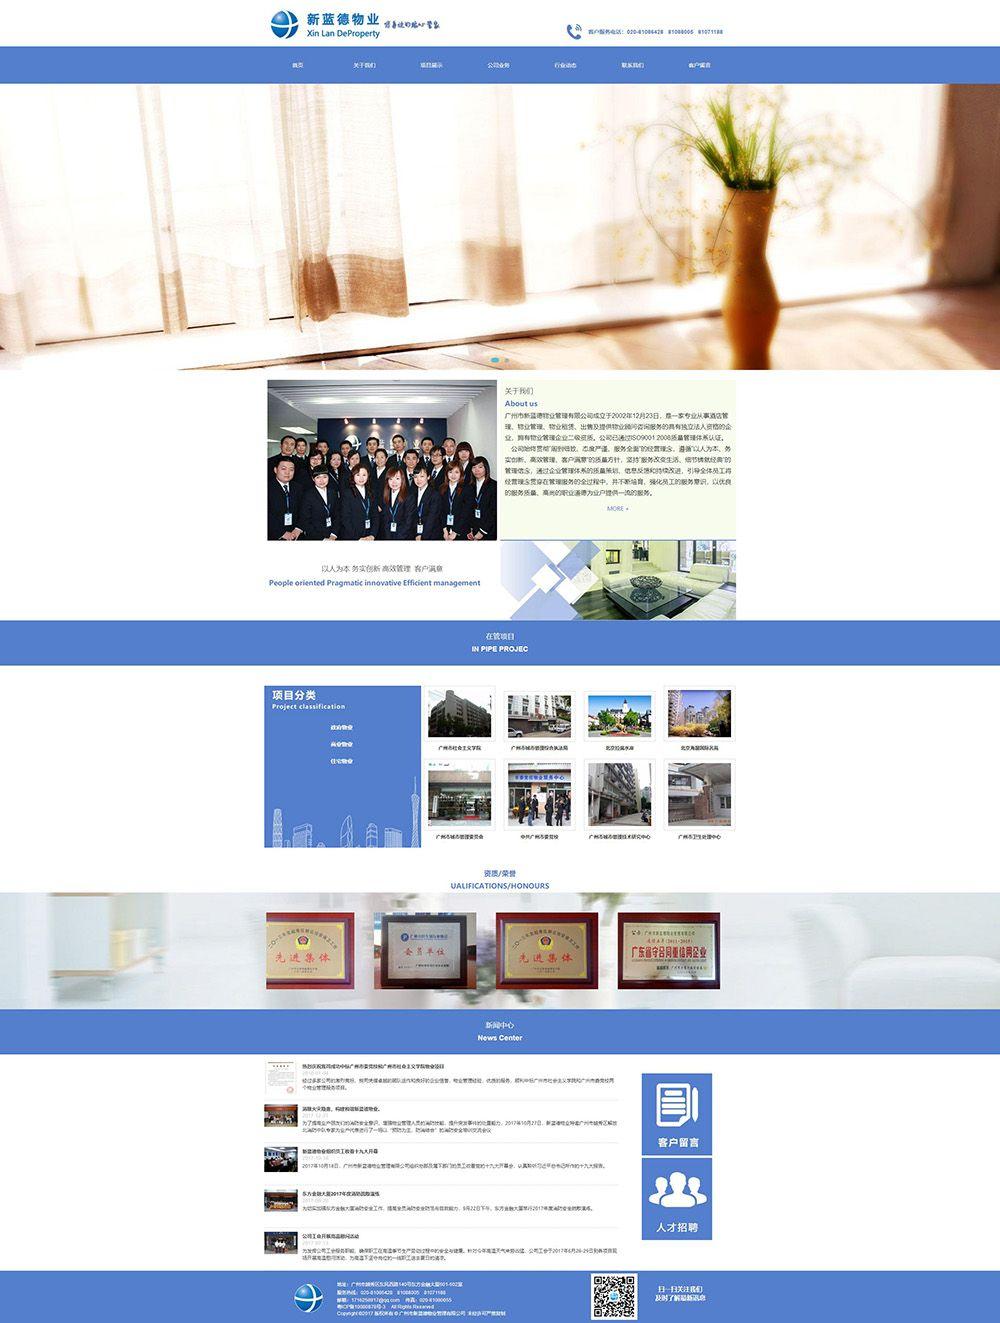 新蓝德物业官网